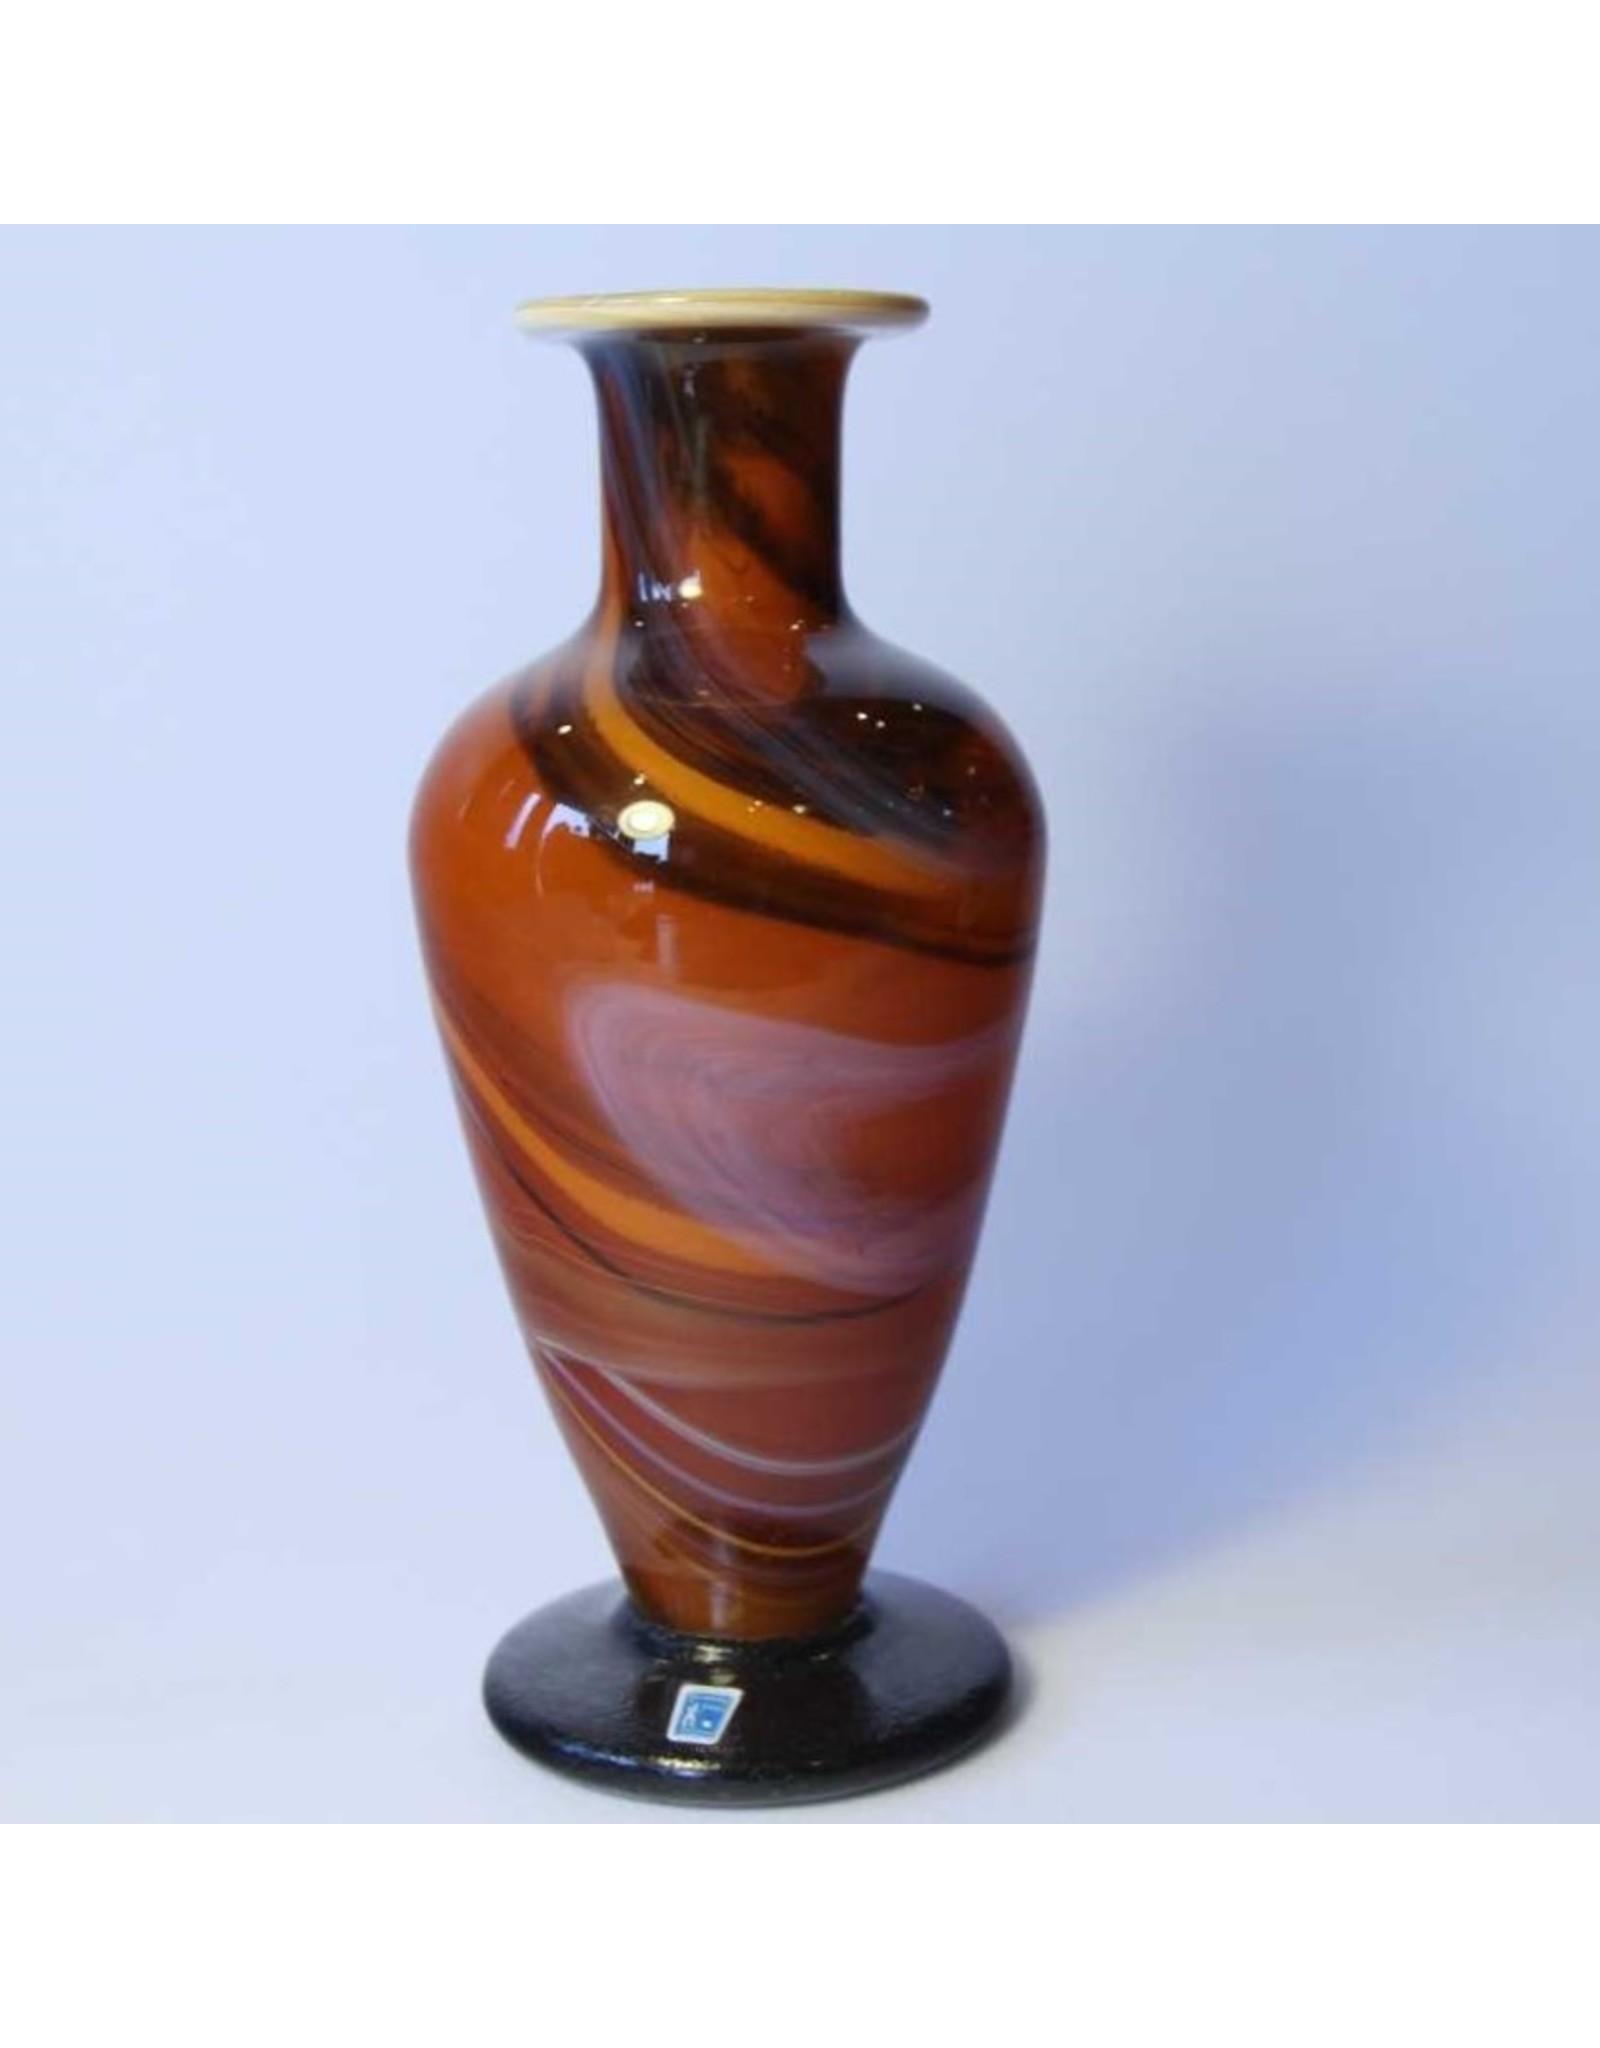 Vase - Johansfors art glass, heavy, orange & brown swirl